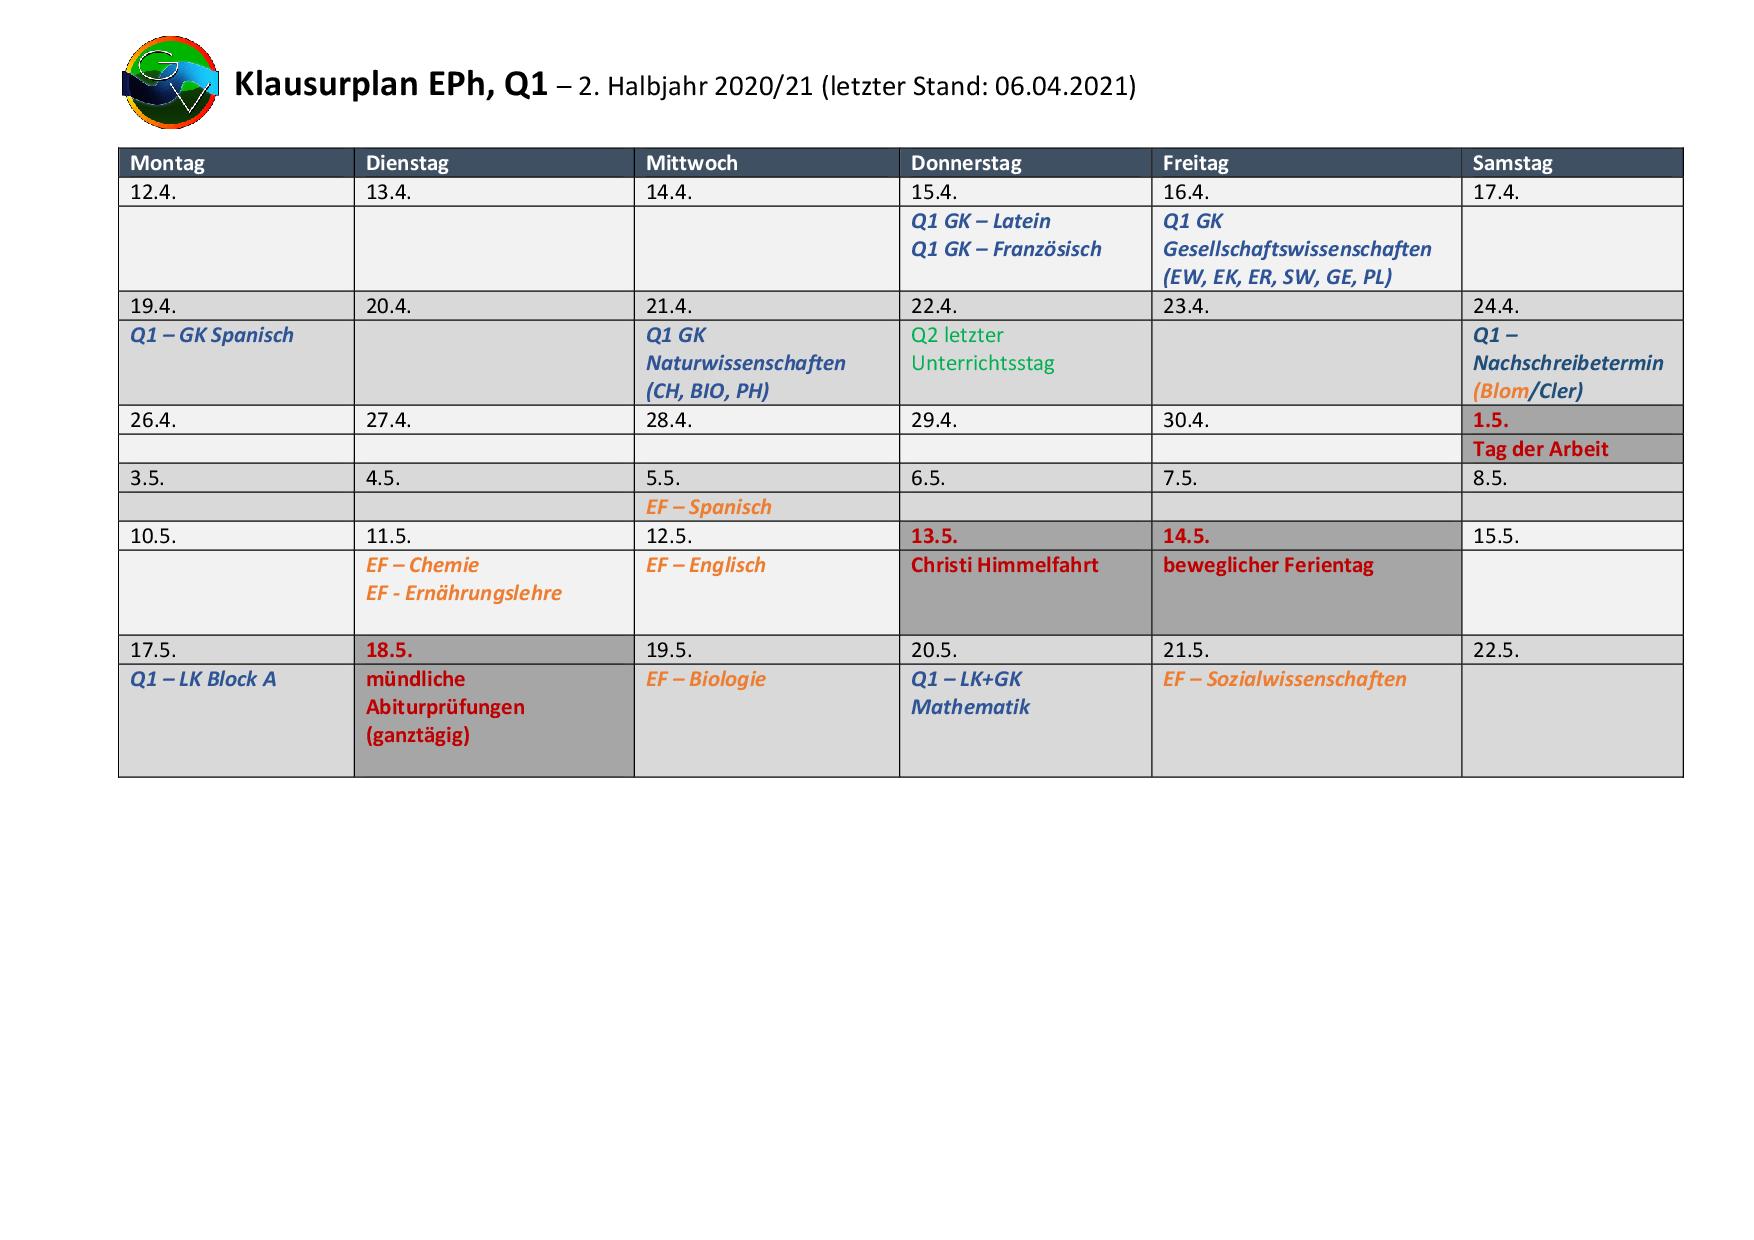 2021-04-03_Klausurplan-EPh-Q1-2HJ-final-002